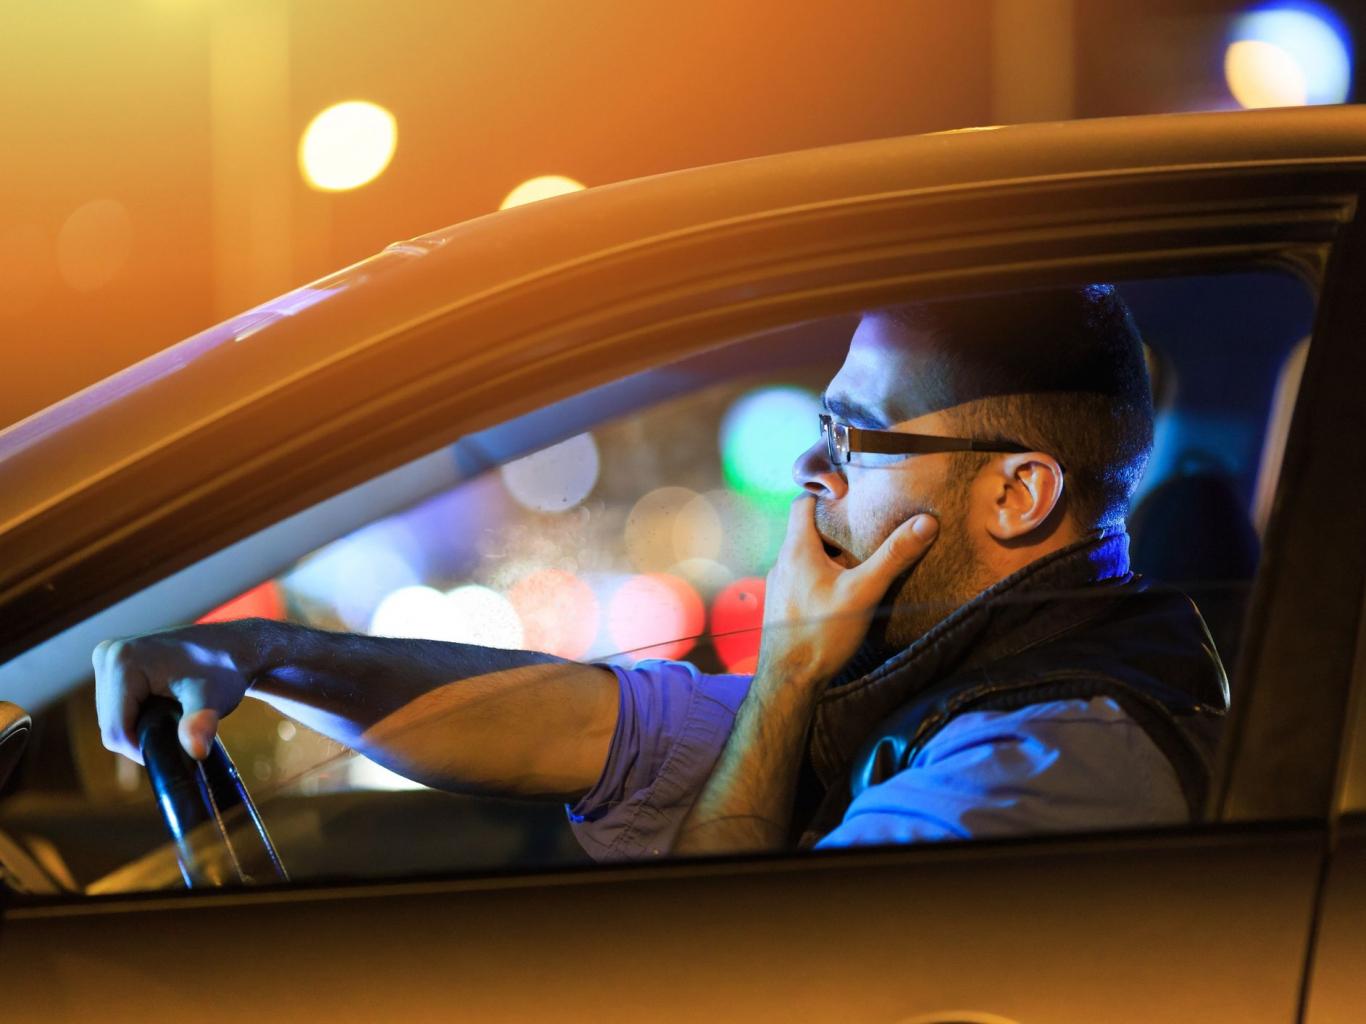 Lái xe trời tối khiến tầm nhìn hạn chế, khó điều hướng phương tiện.